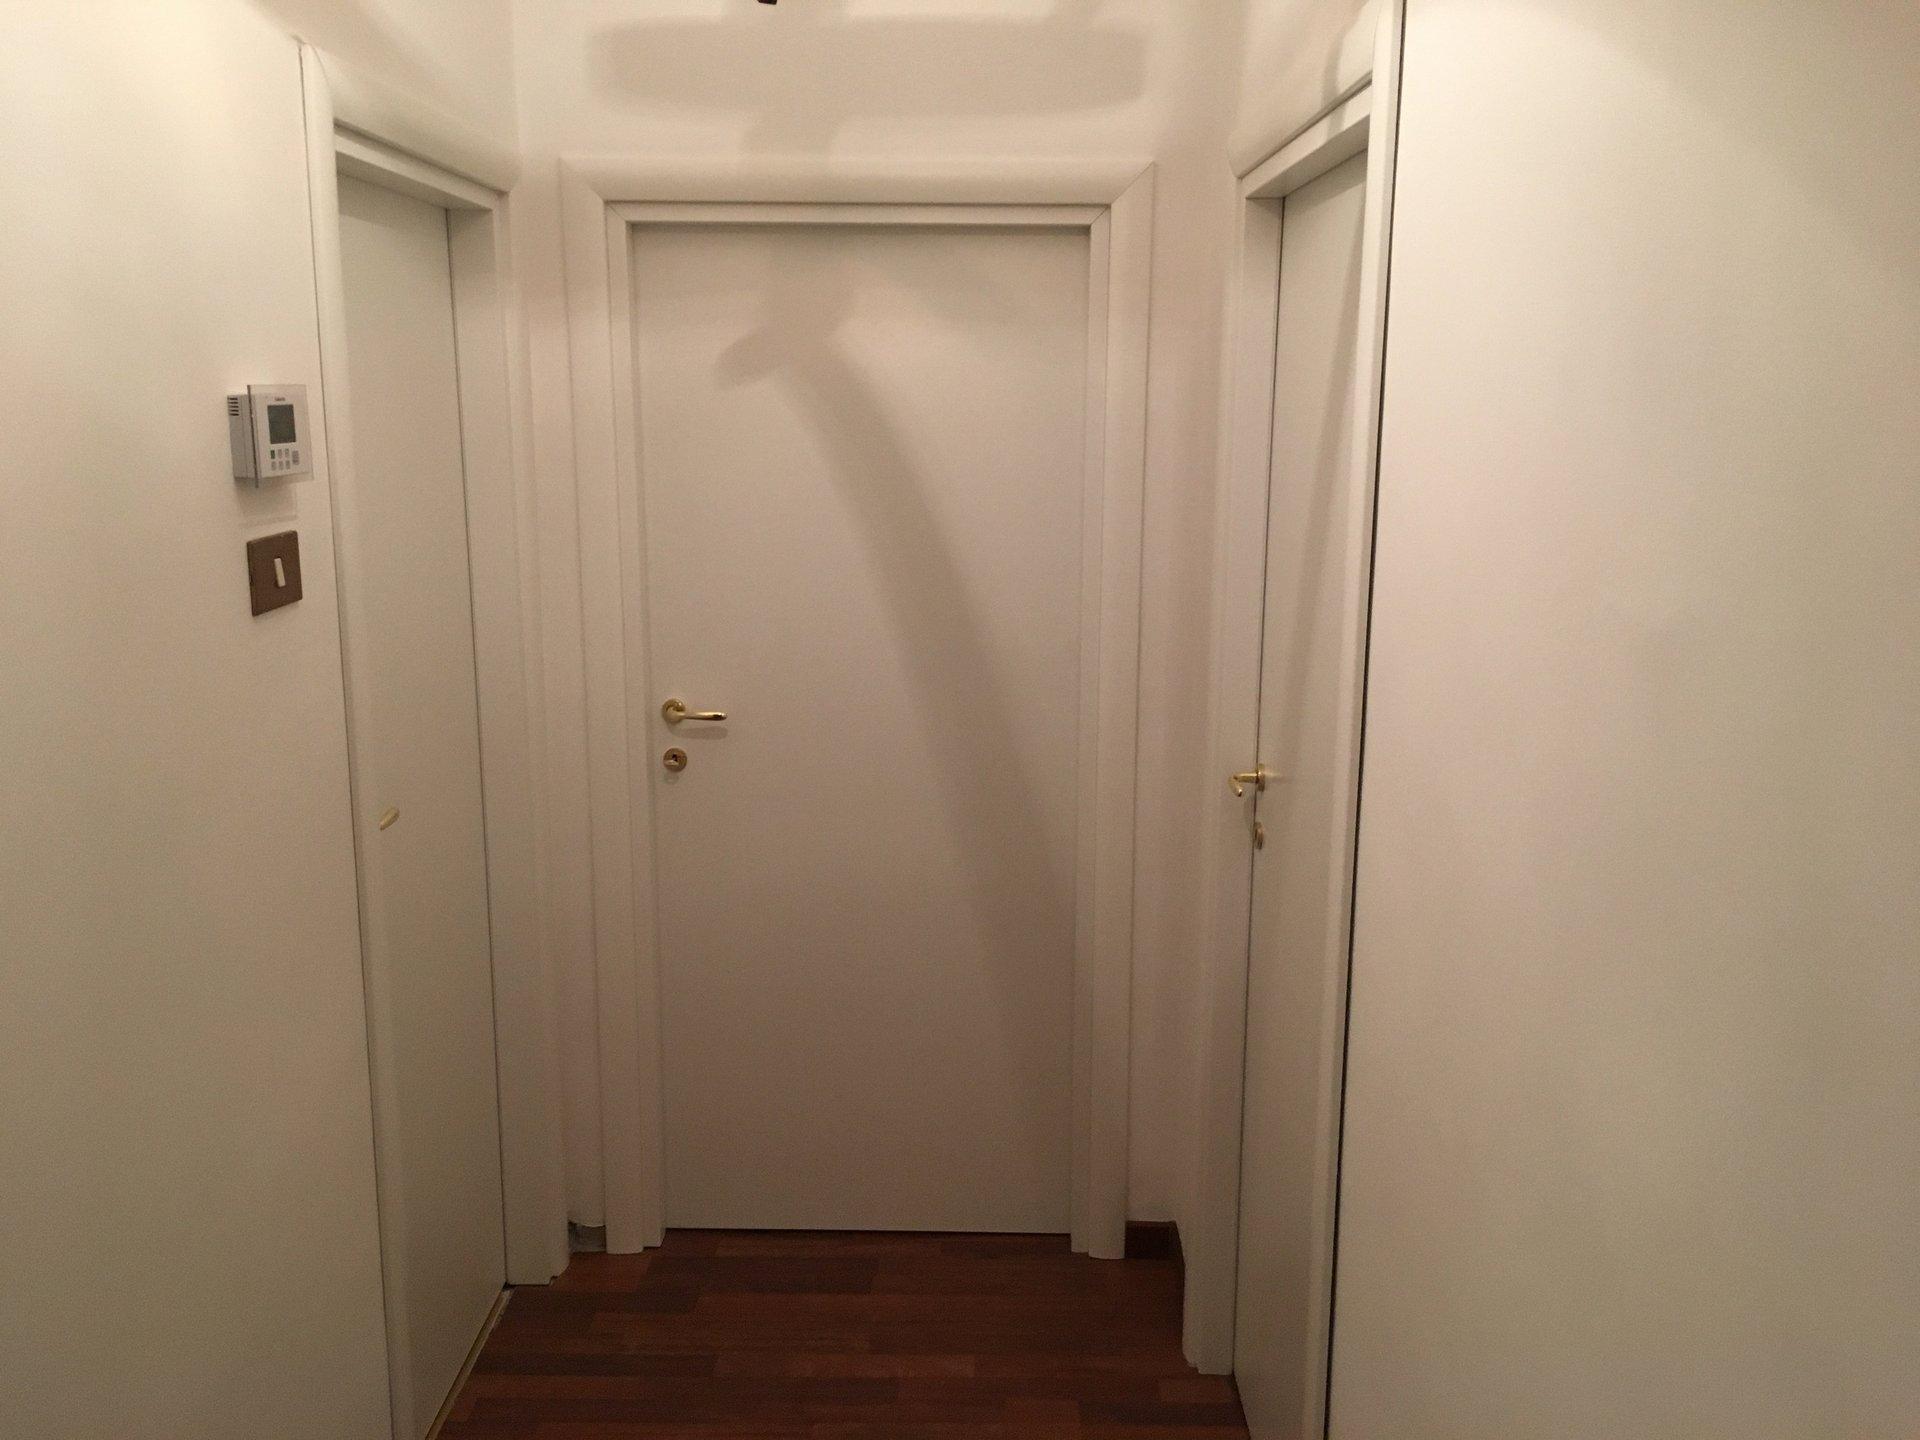 tre porte bianche all'interno di un appartamento